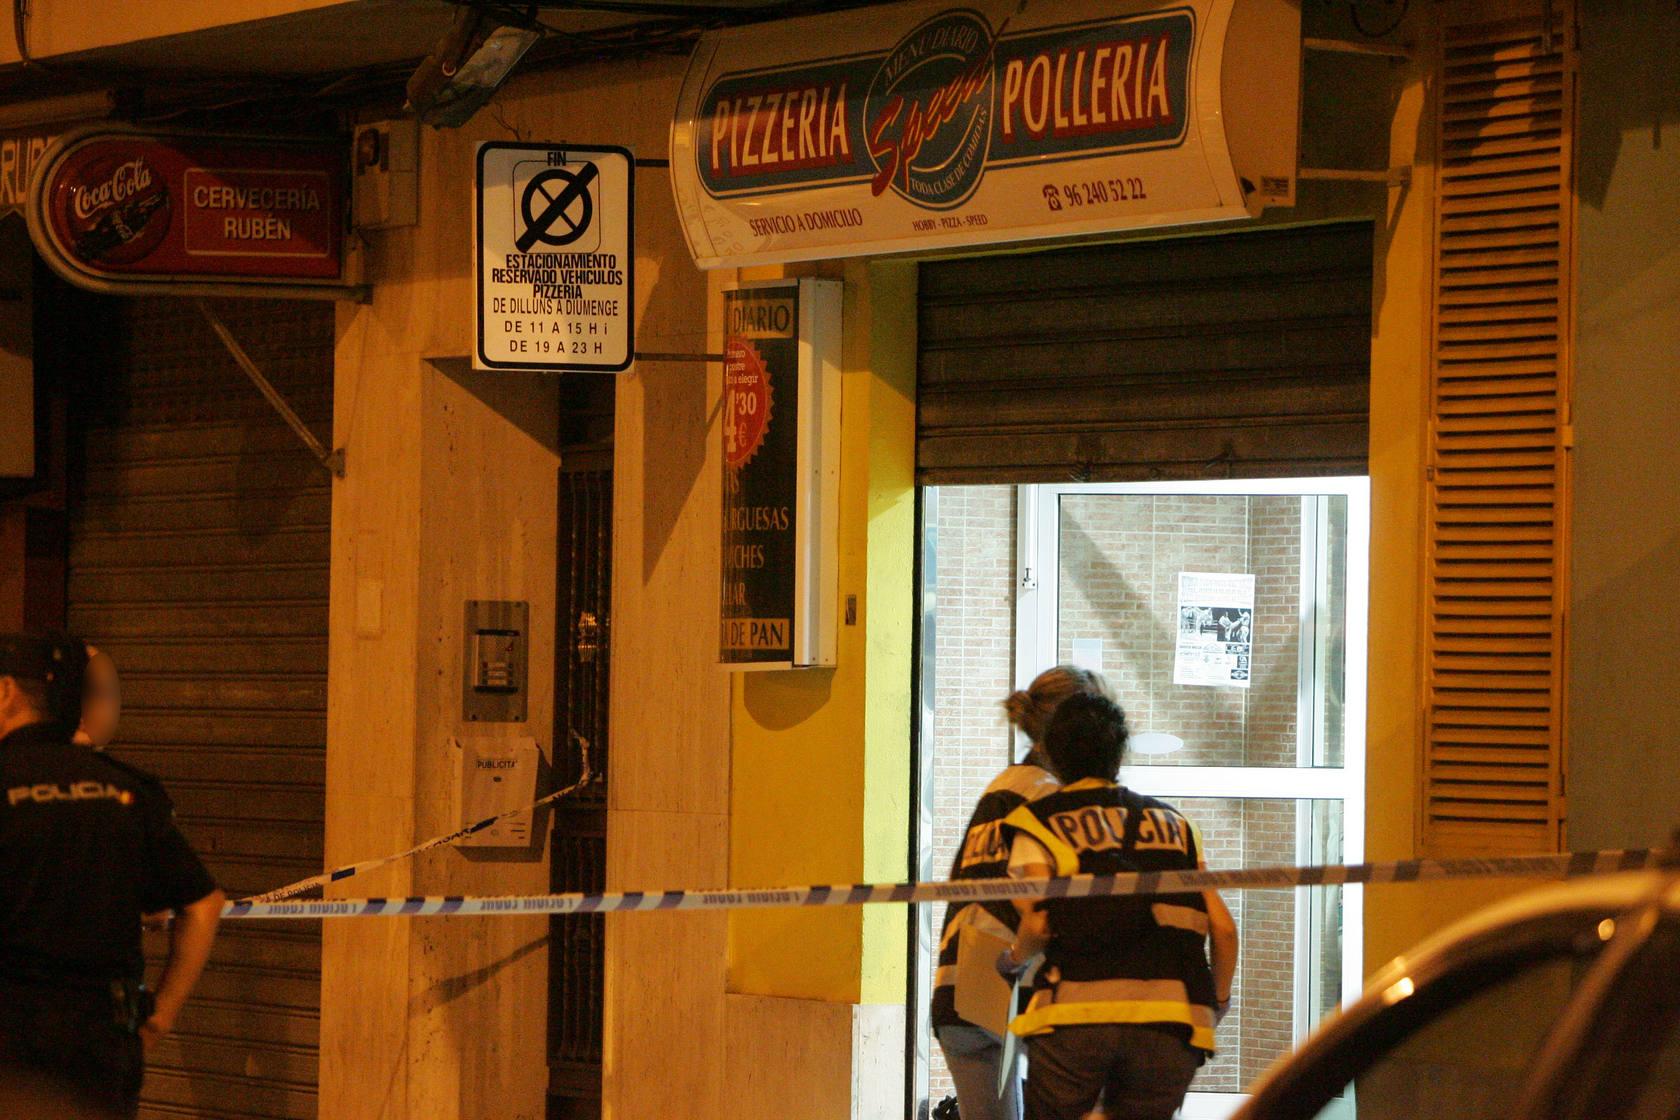 Atraco mortal en una pizzería de Alzira